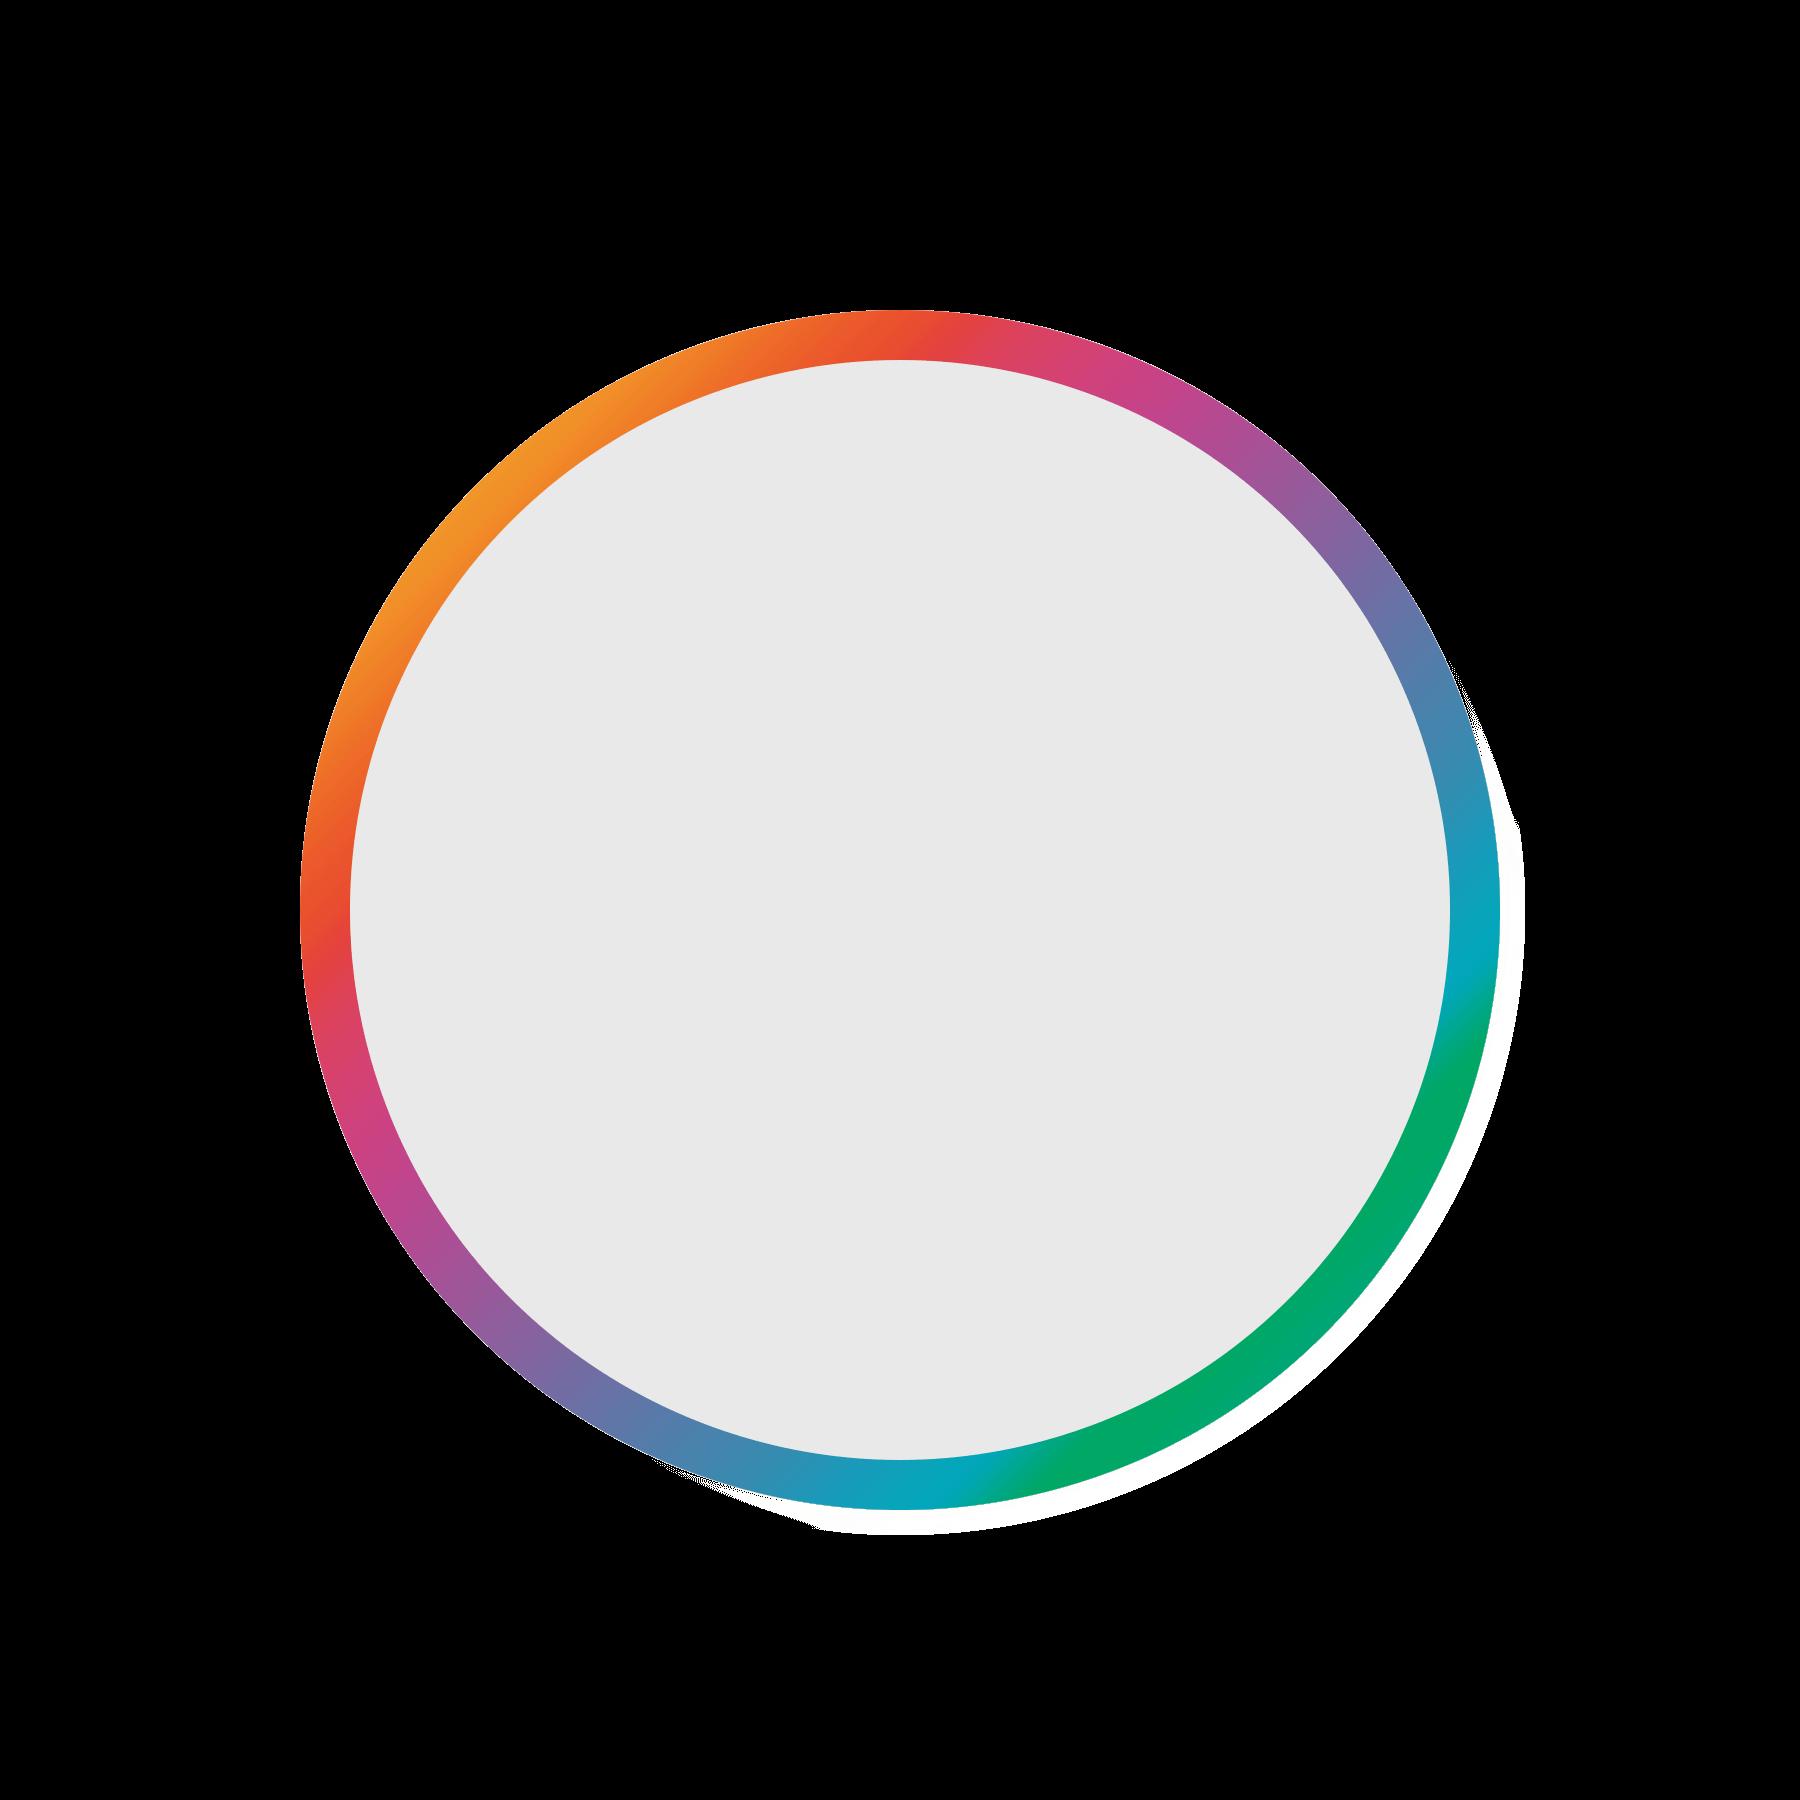 Adobe Photoshop Elements und Premiere Elements 2020